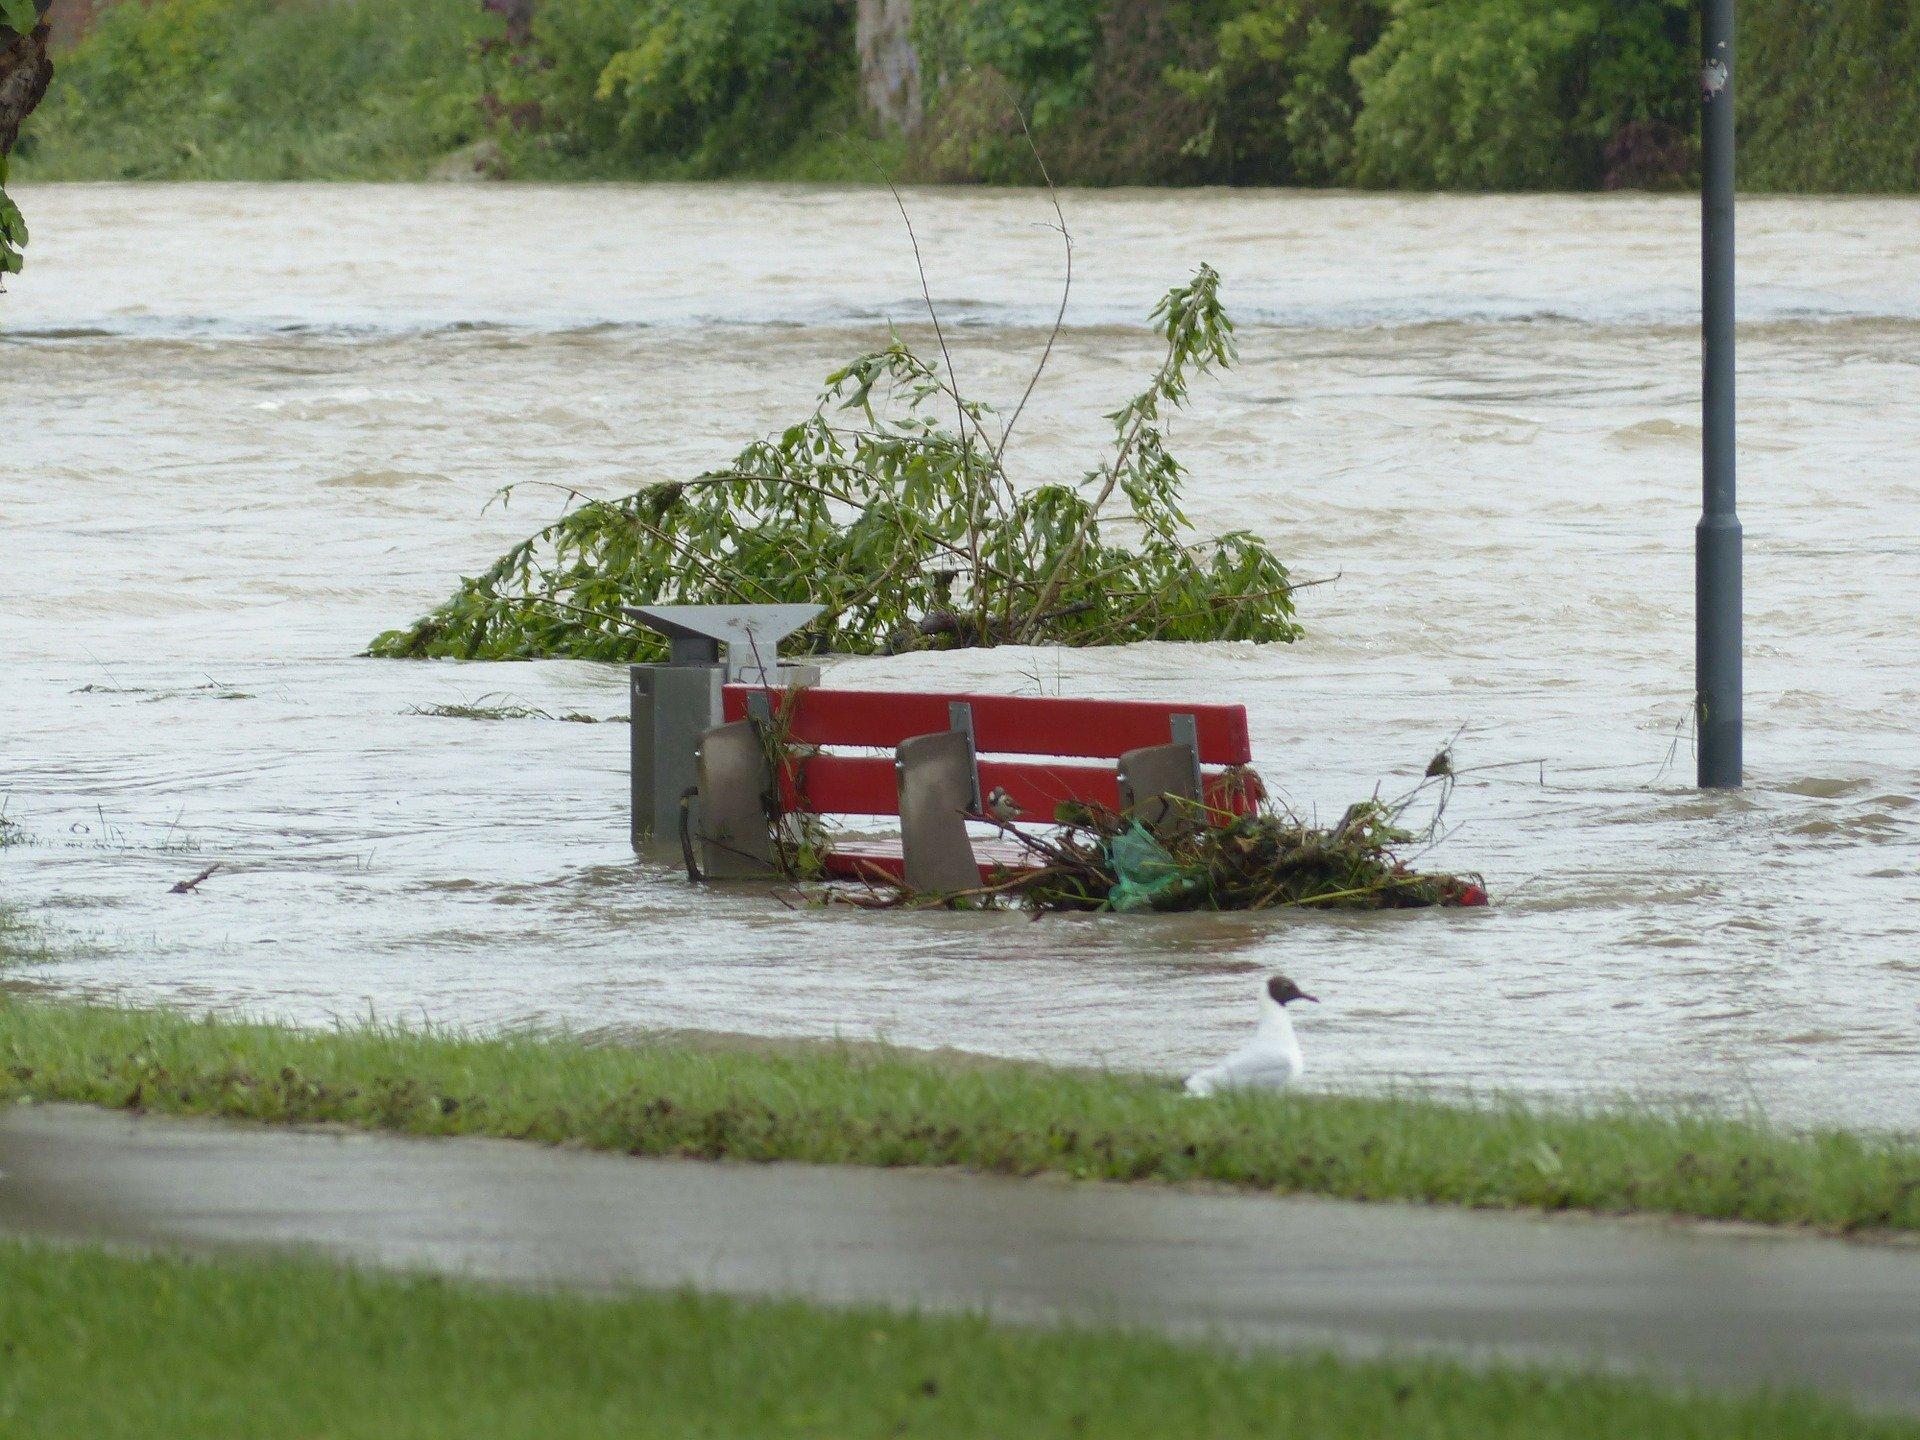 Naturkatastrophen – Welche Höhe zahlt die Versicherung? – Teil 1